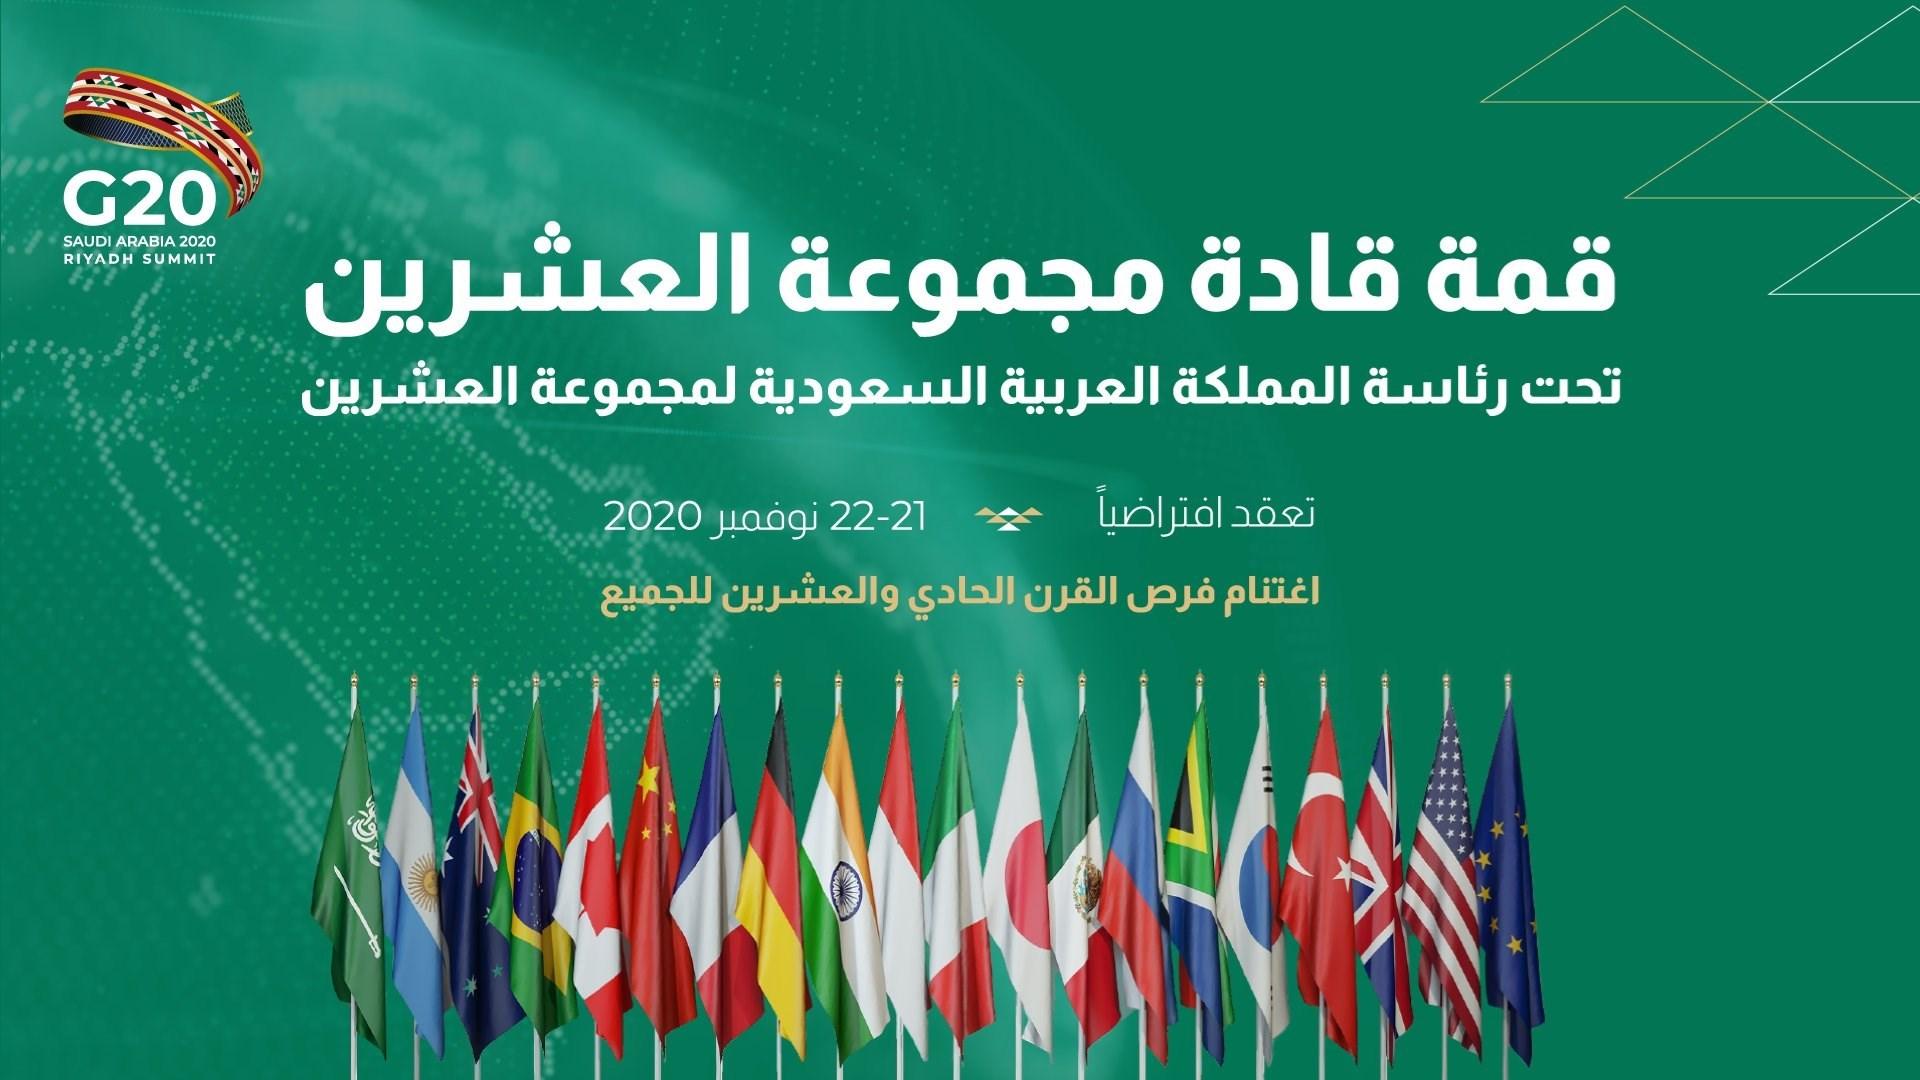 دعوات حقوقية لمقاطعة قمة الـ20 بسبب انتهاكات السعودية الانسانية